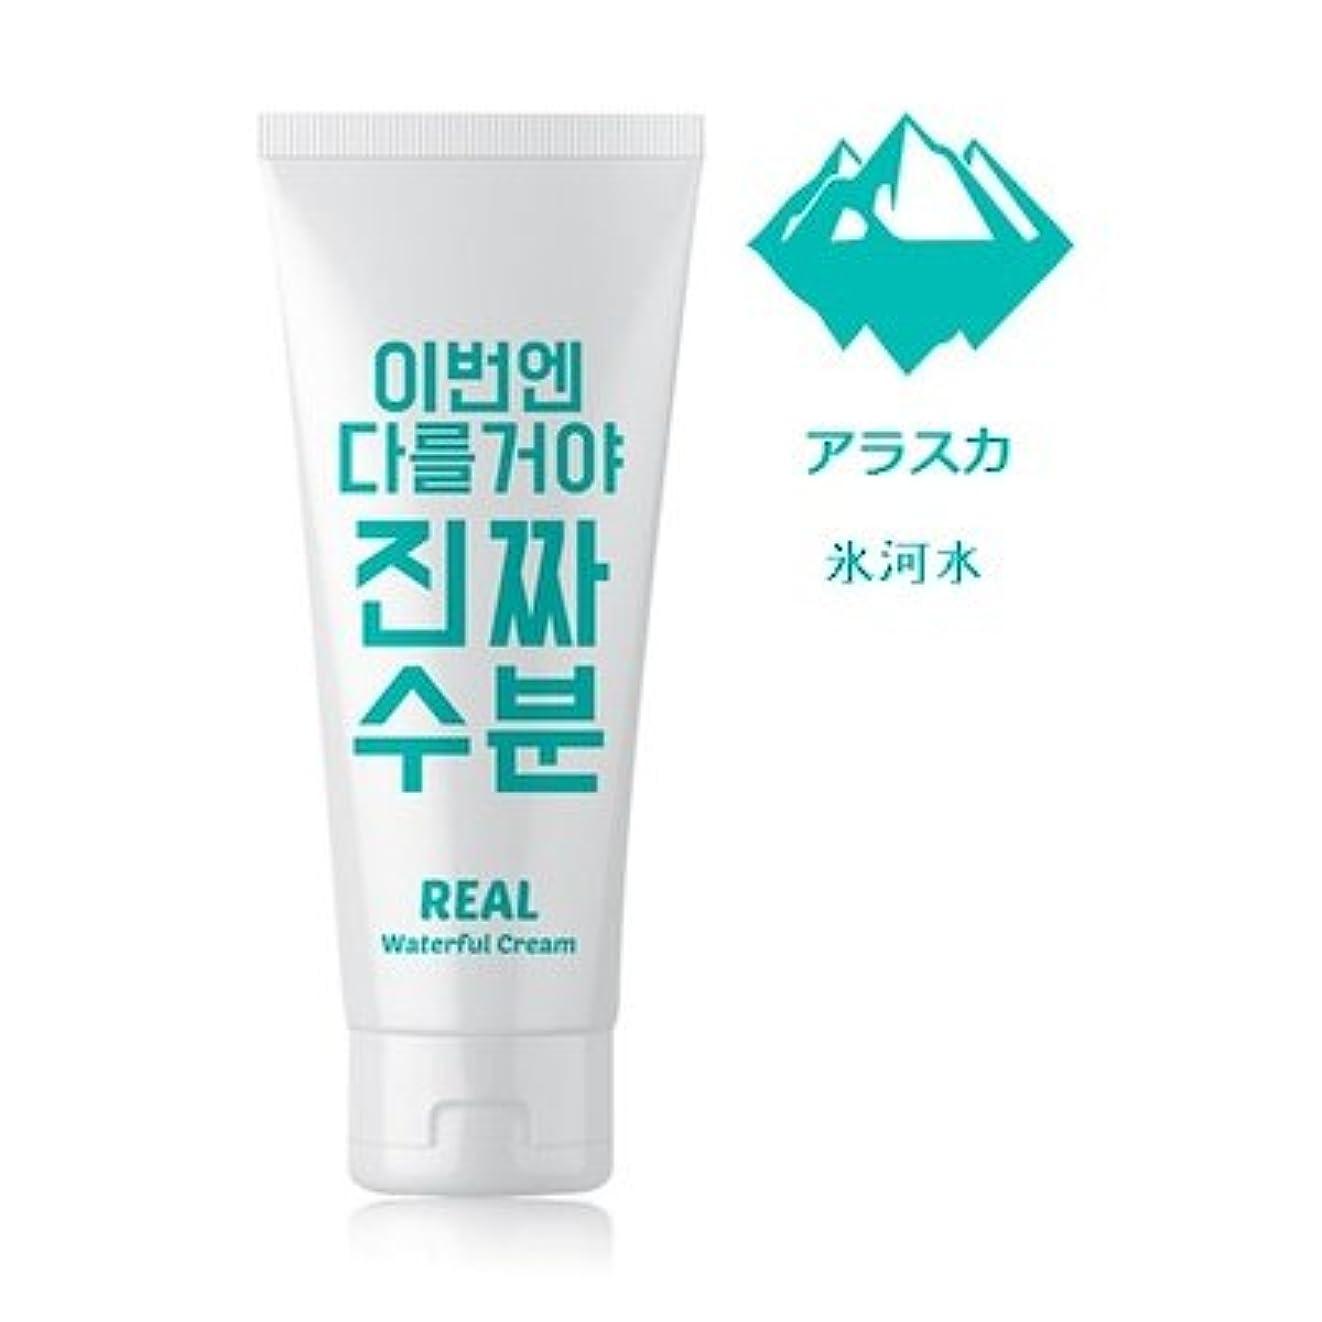 なんでも帳面作るJaminkyung Real Waterful Cream/孜民耕 [ジャミンギョン] 今度は違うぞ本当の水分クリーム 200ml [並行輸入品]